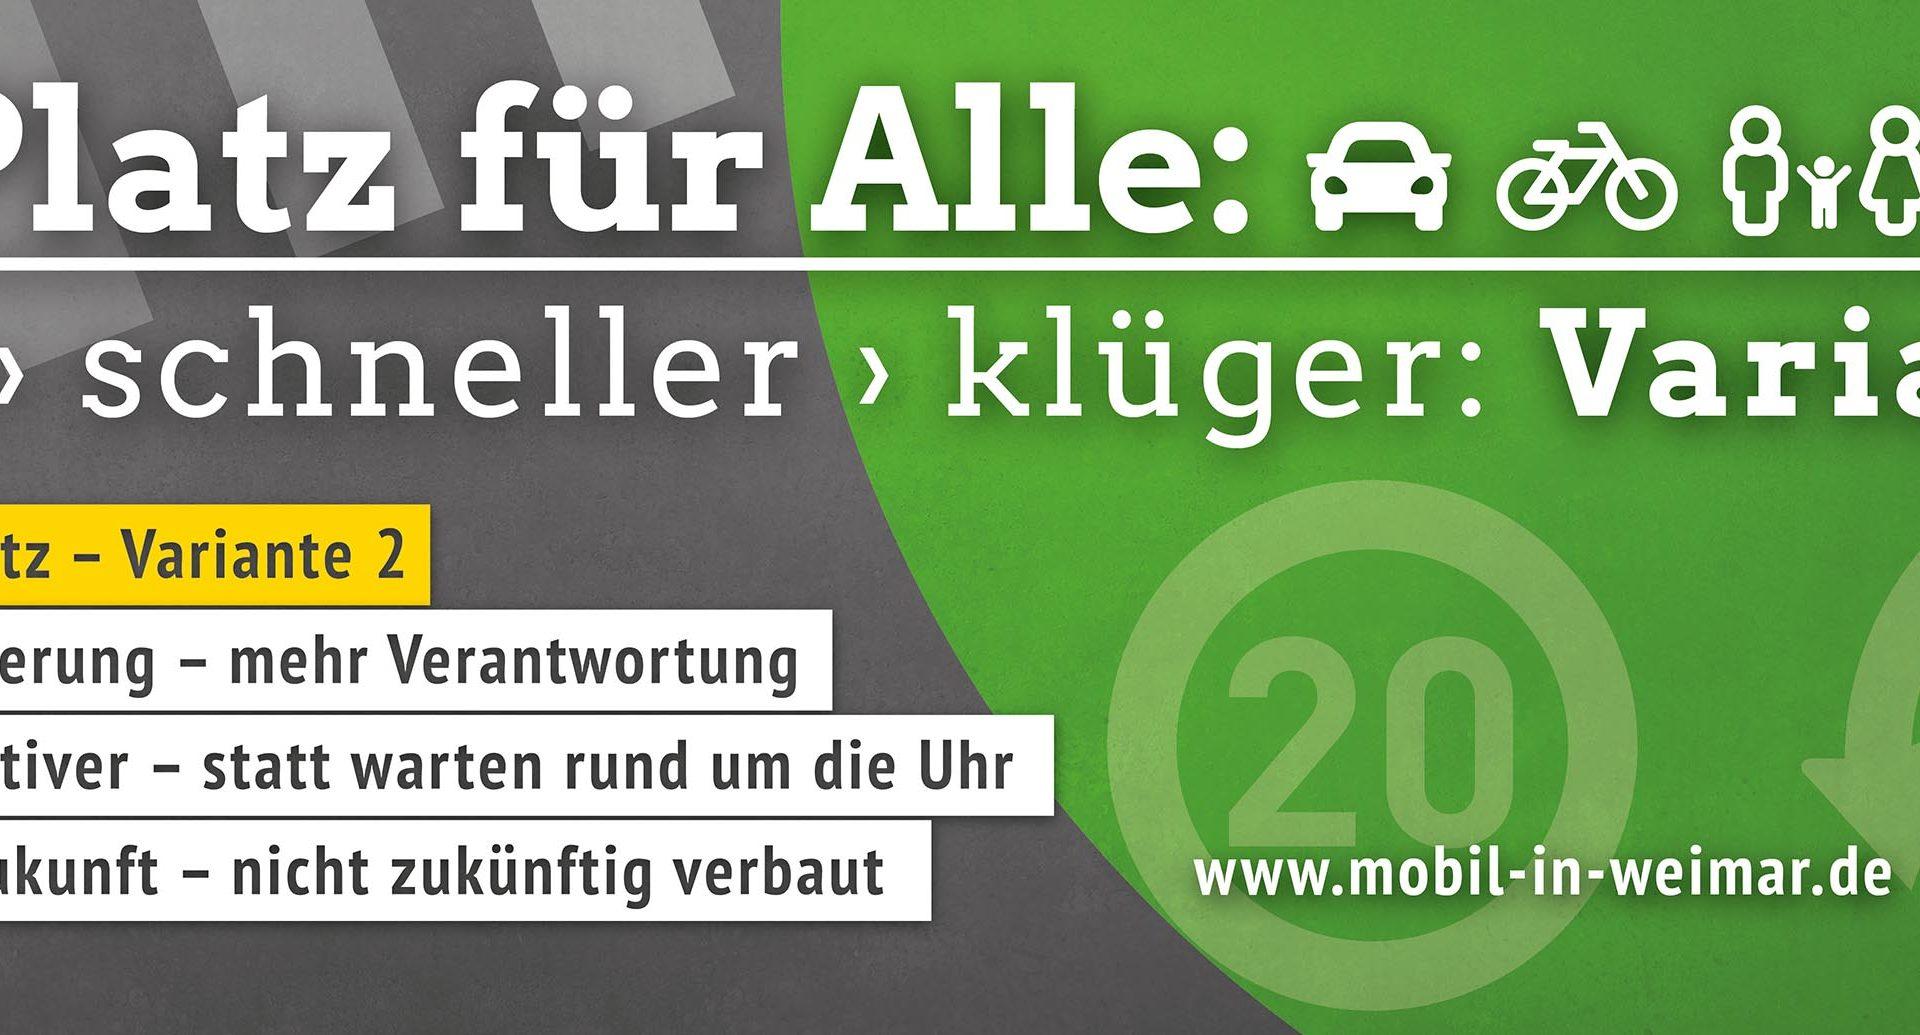 Mobil in Weimar